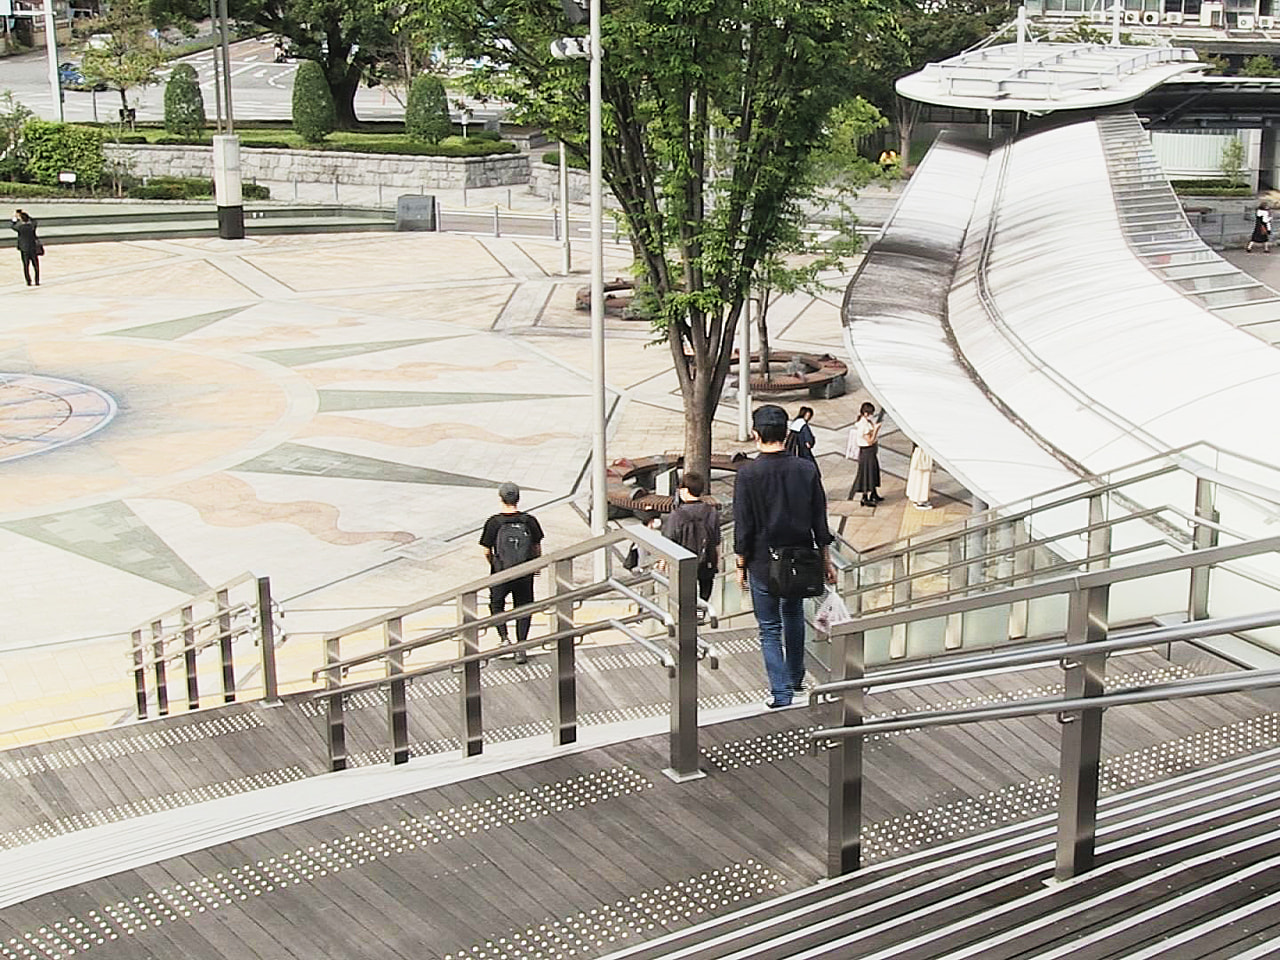 シルバーウィーク最終日だった26日のJR岐阜駅前の人出は、前の週の日曜日に比べる...